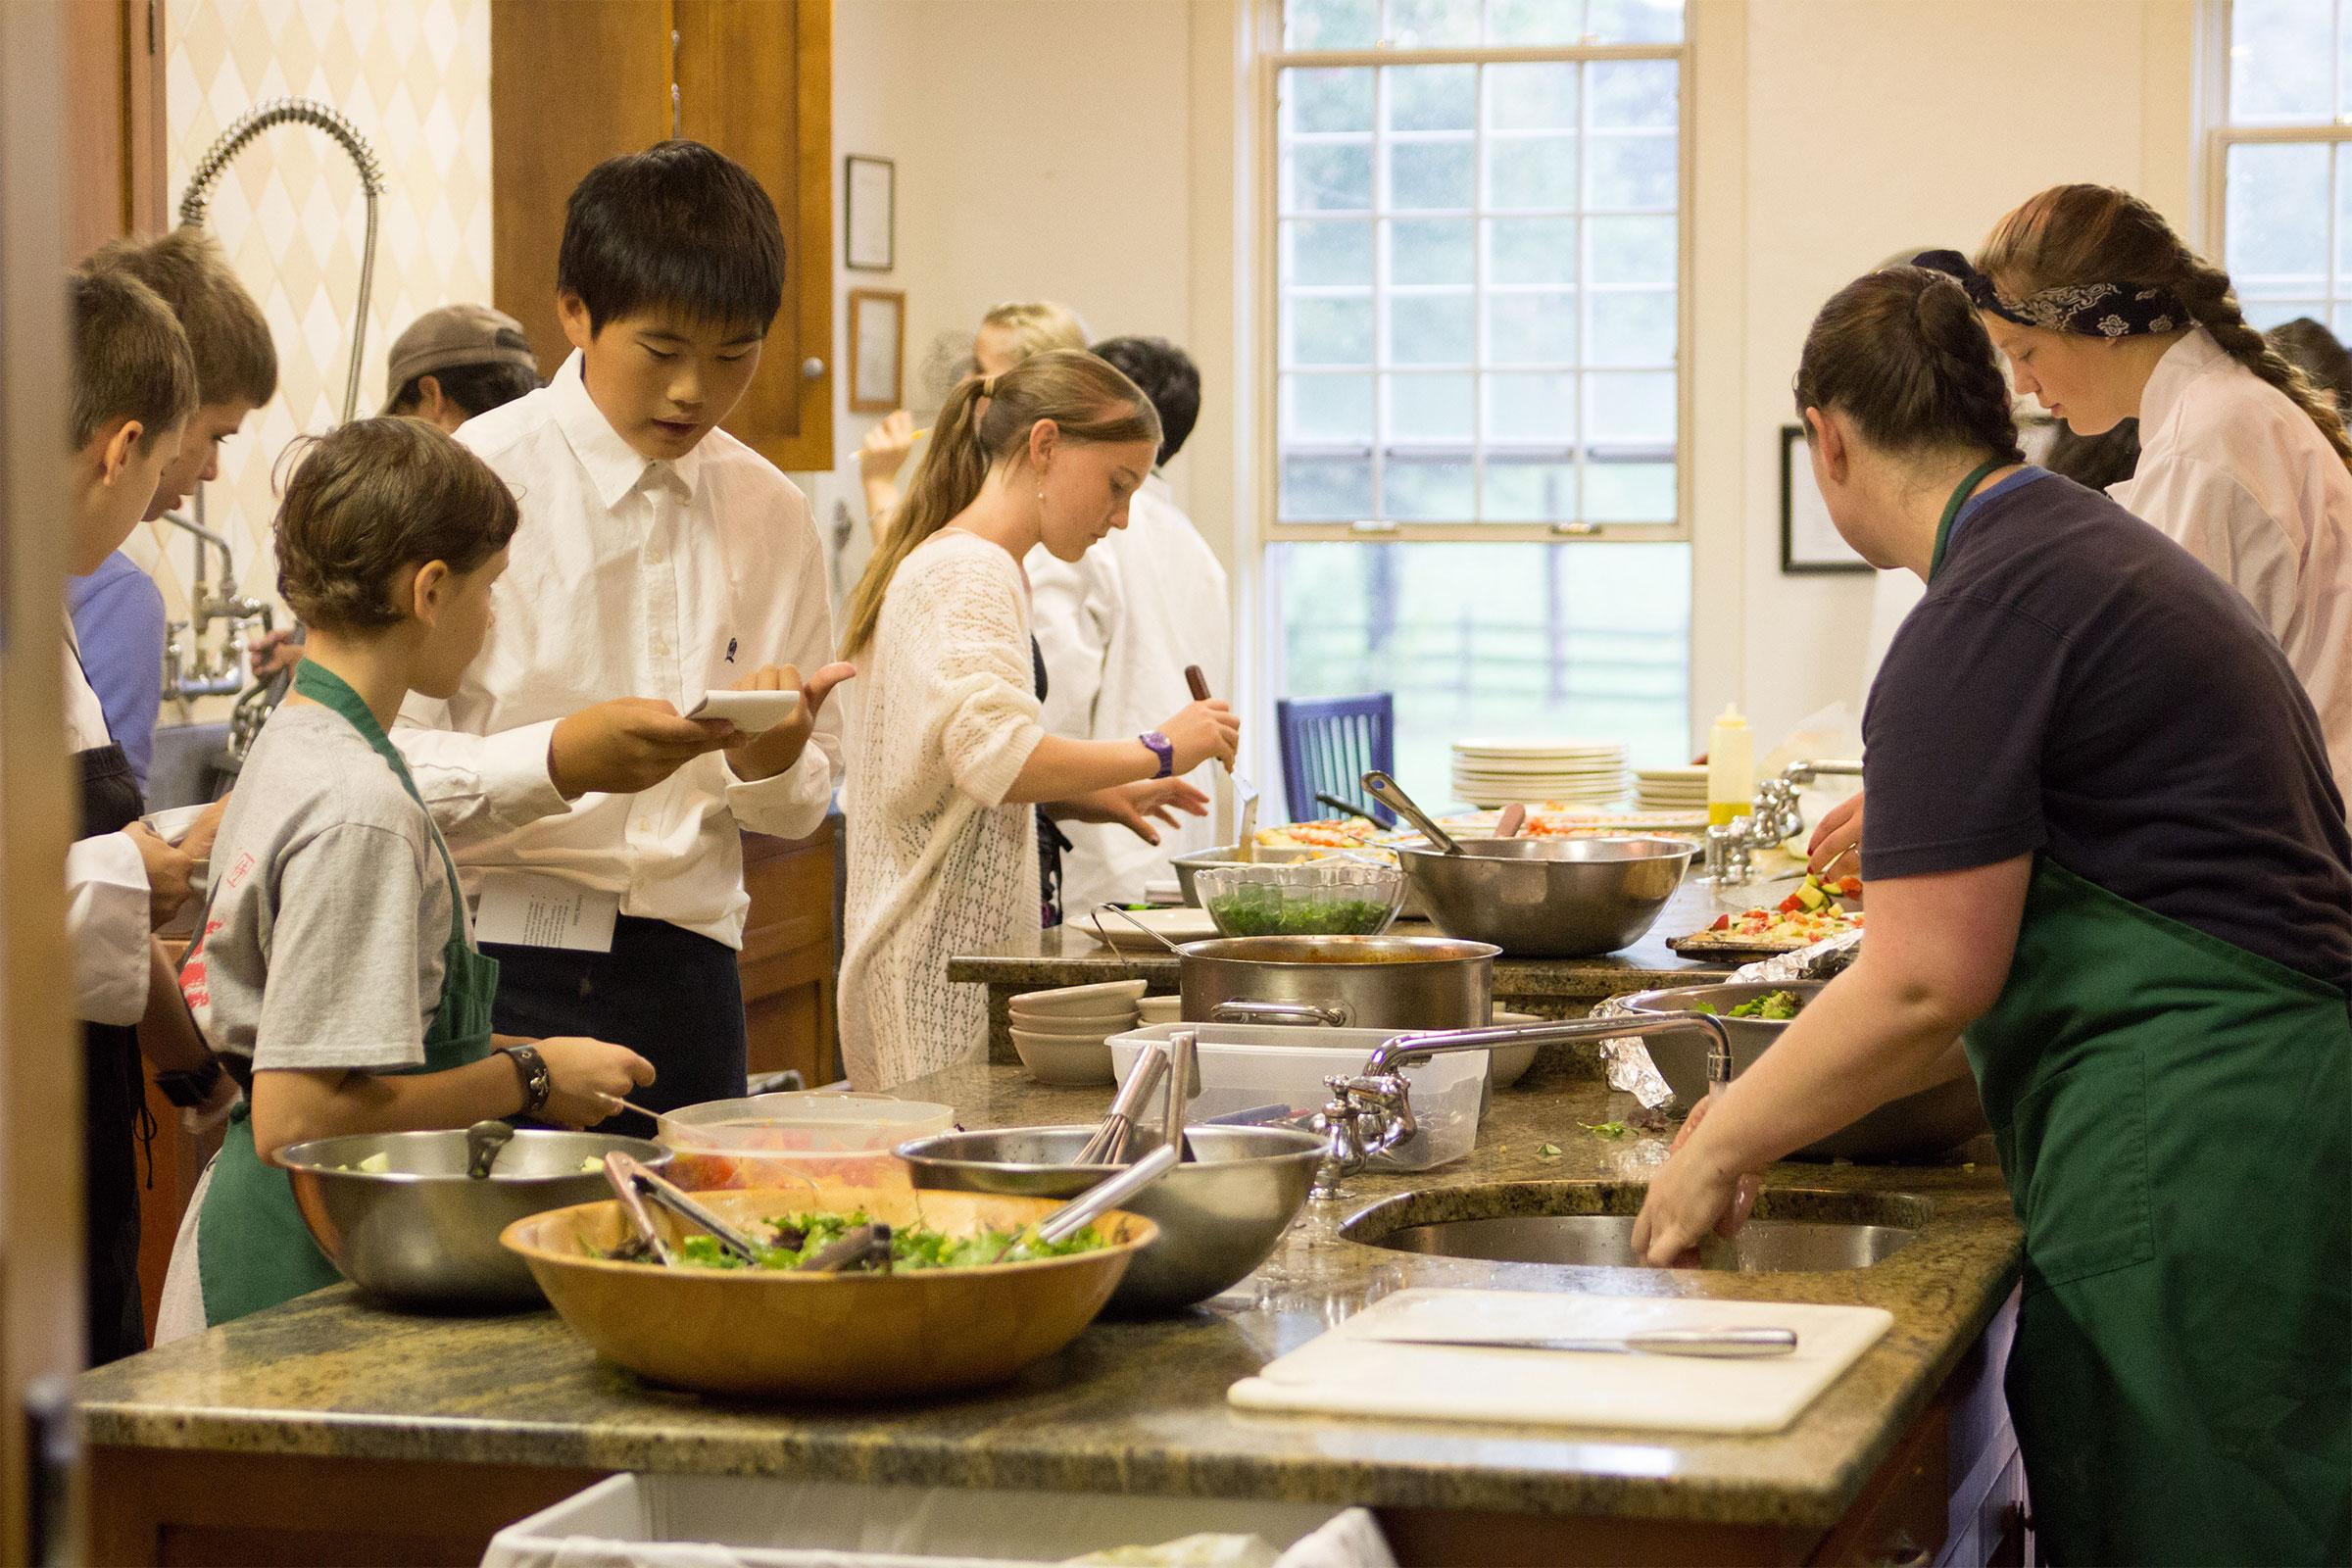 Montessori Adolescent class preparing food in kitchen